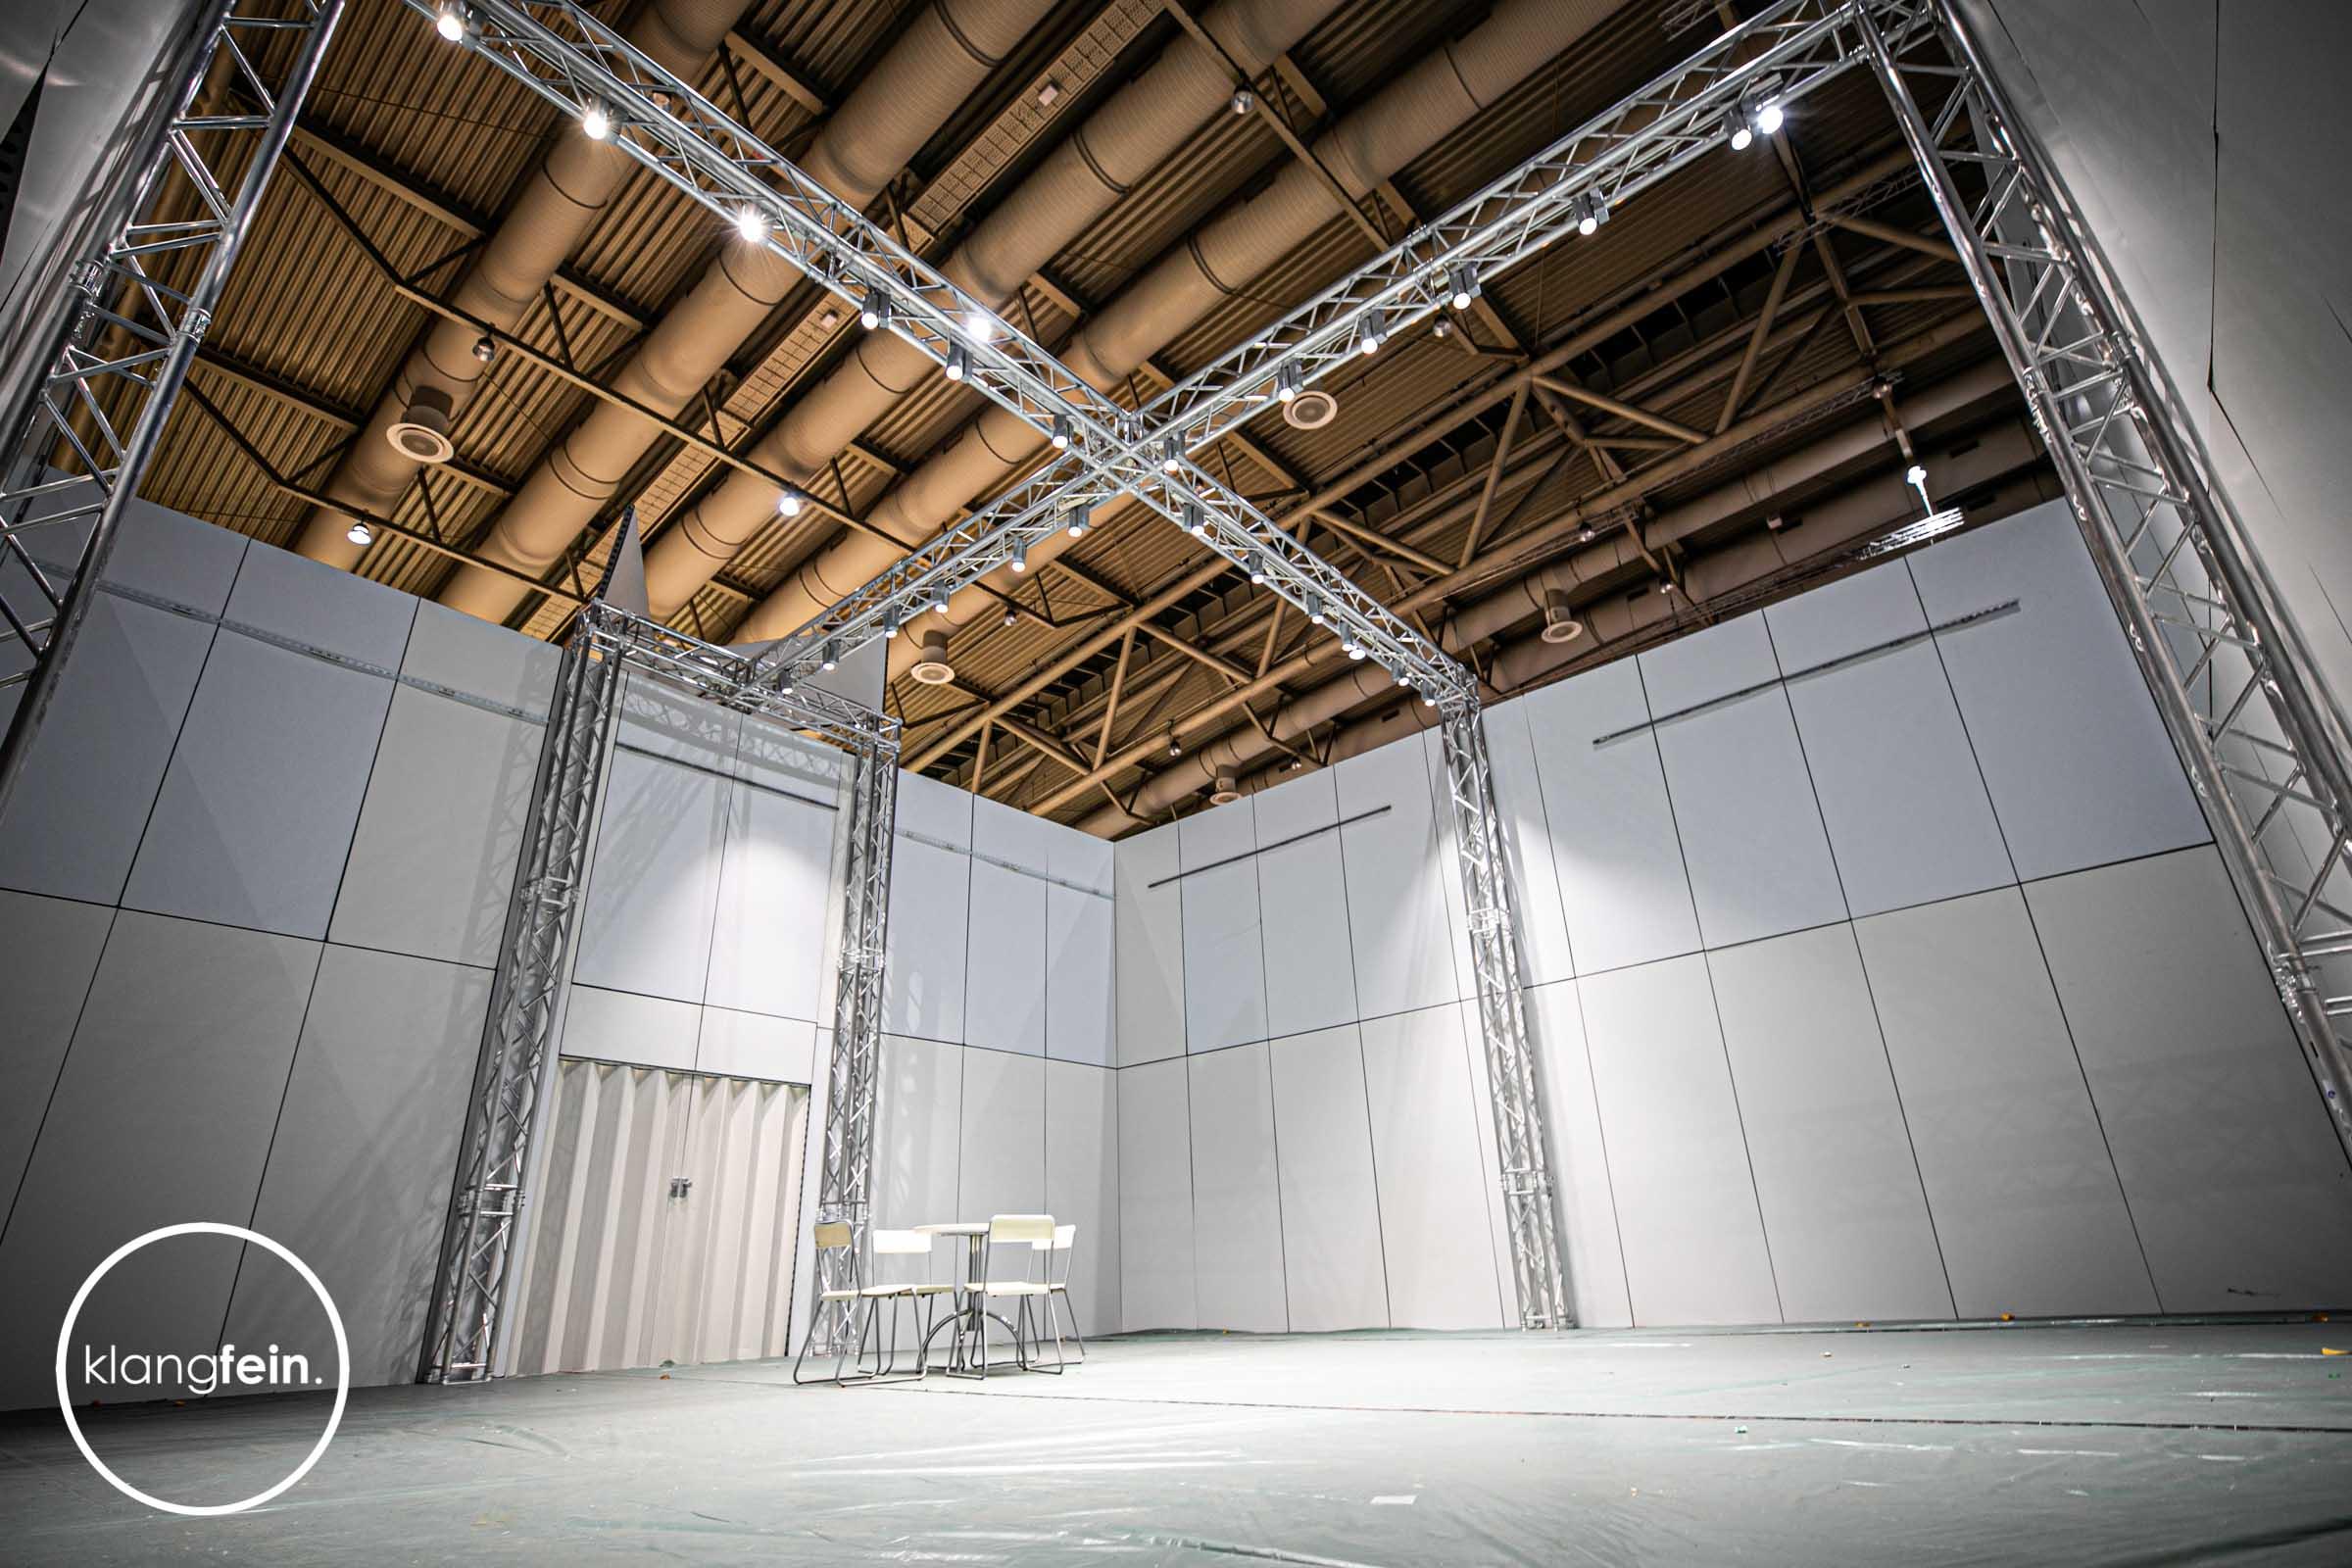 Klangfein - Messebau | Messebauer | Messestandbau | Messedesign | Entwurf | Montage | Beratung | Layout | Anfertigung | Hannover